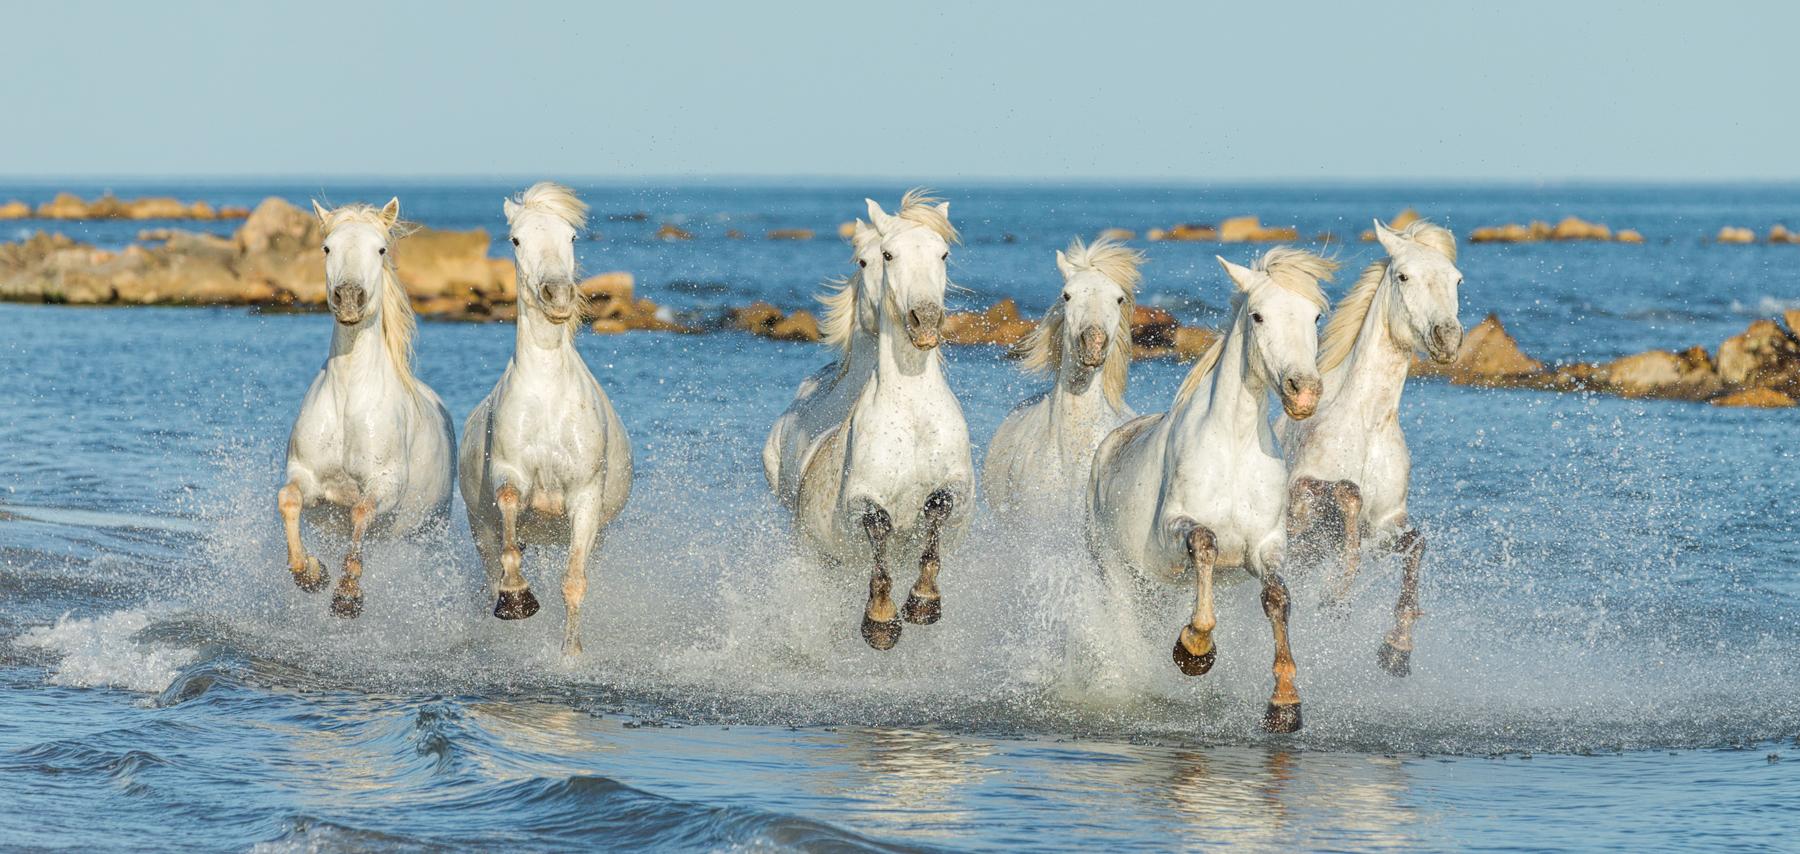 Weiße Pferde rennen durch das Wasser